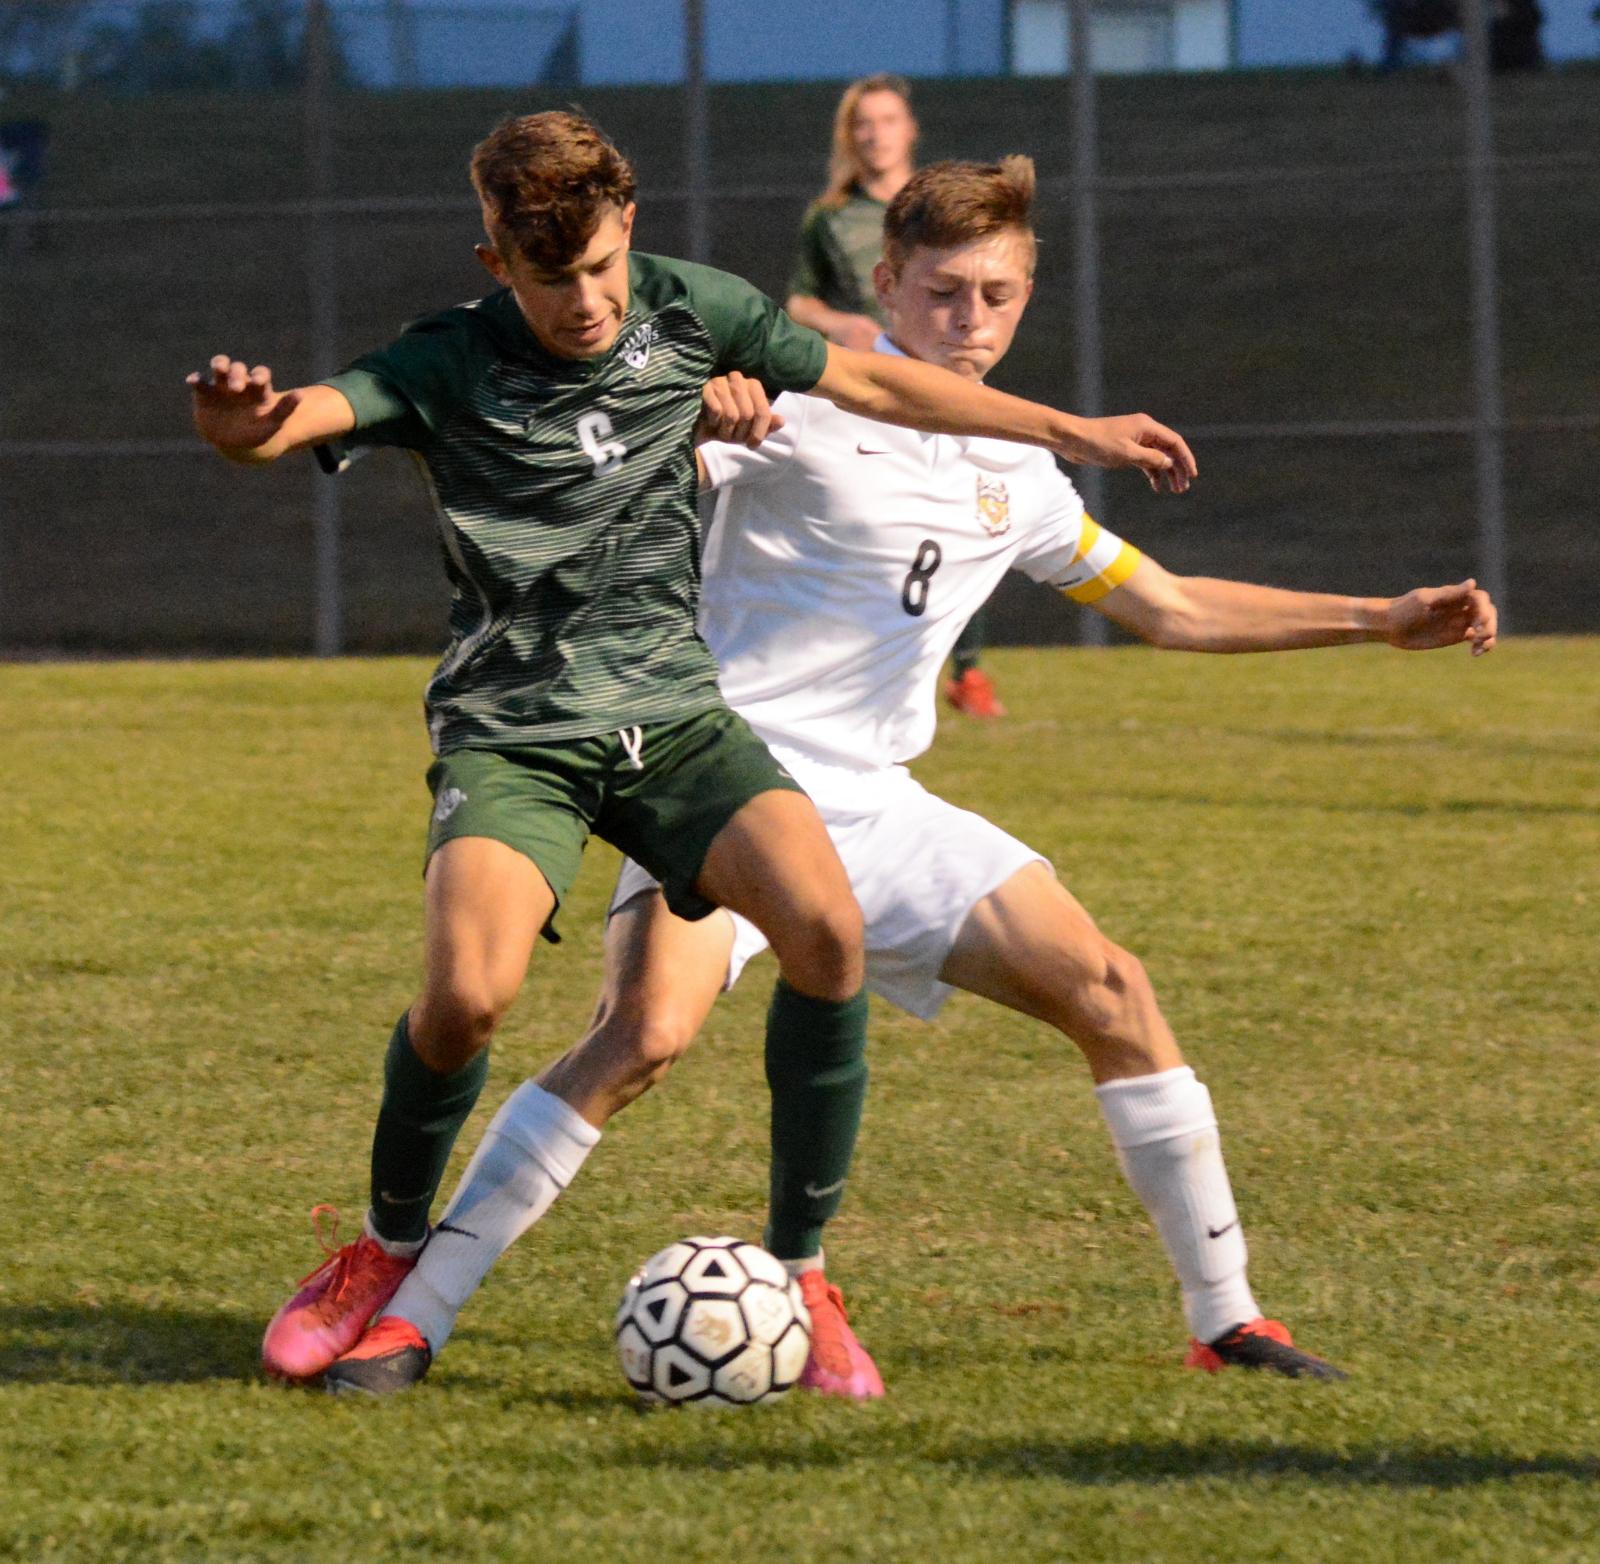 PHOTOS: Varsity Boys Soccer vs. Spring Hill